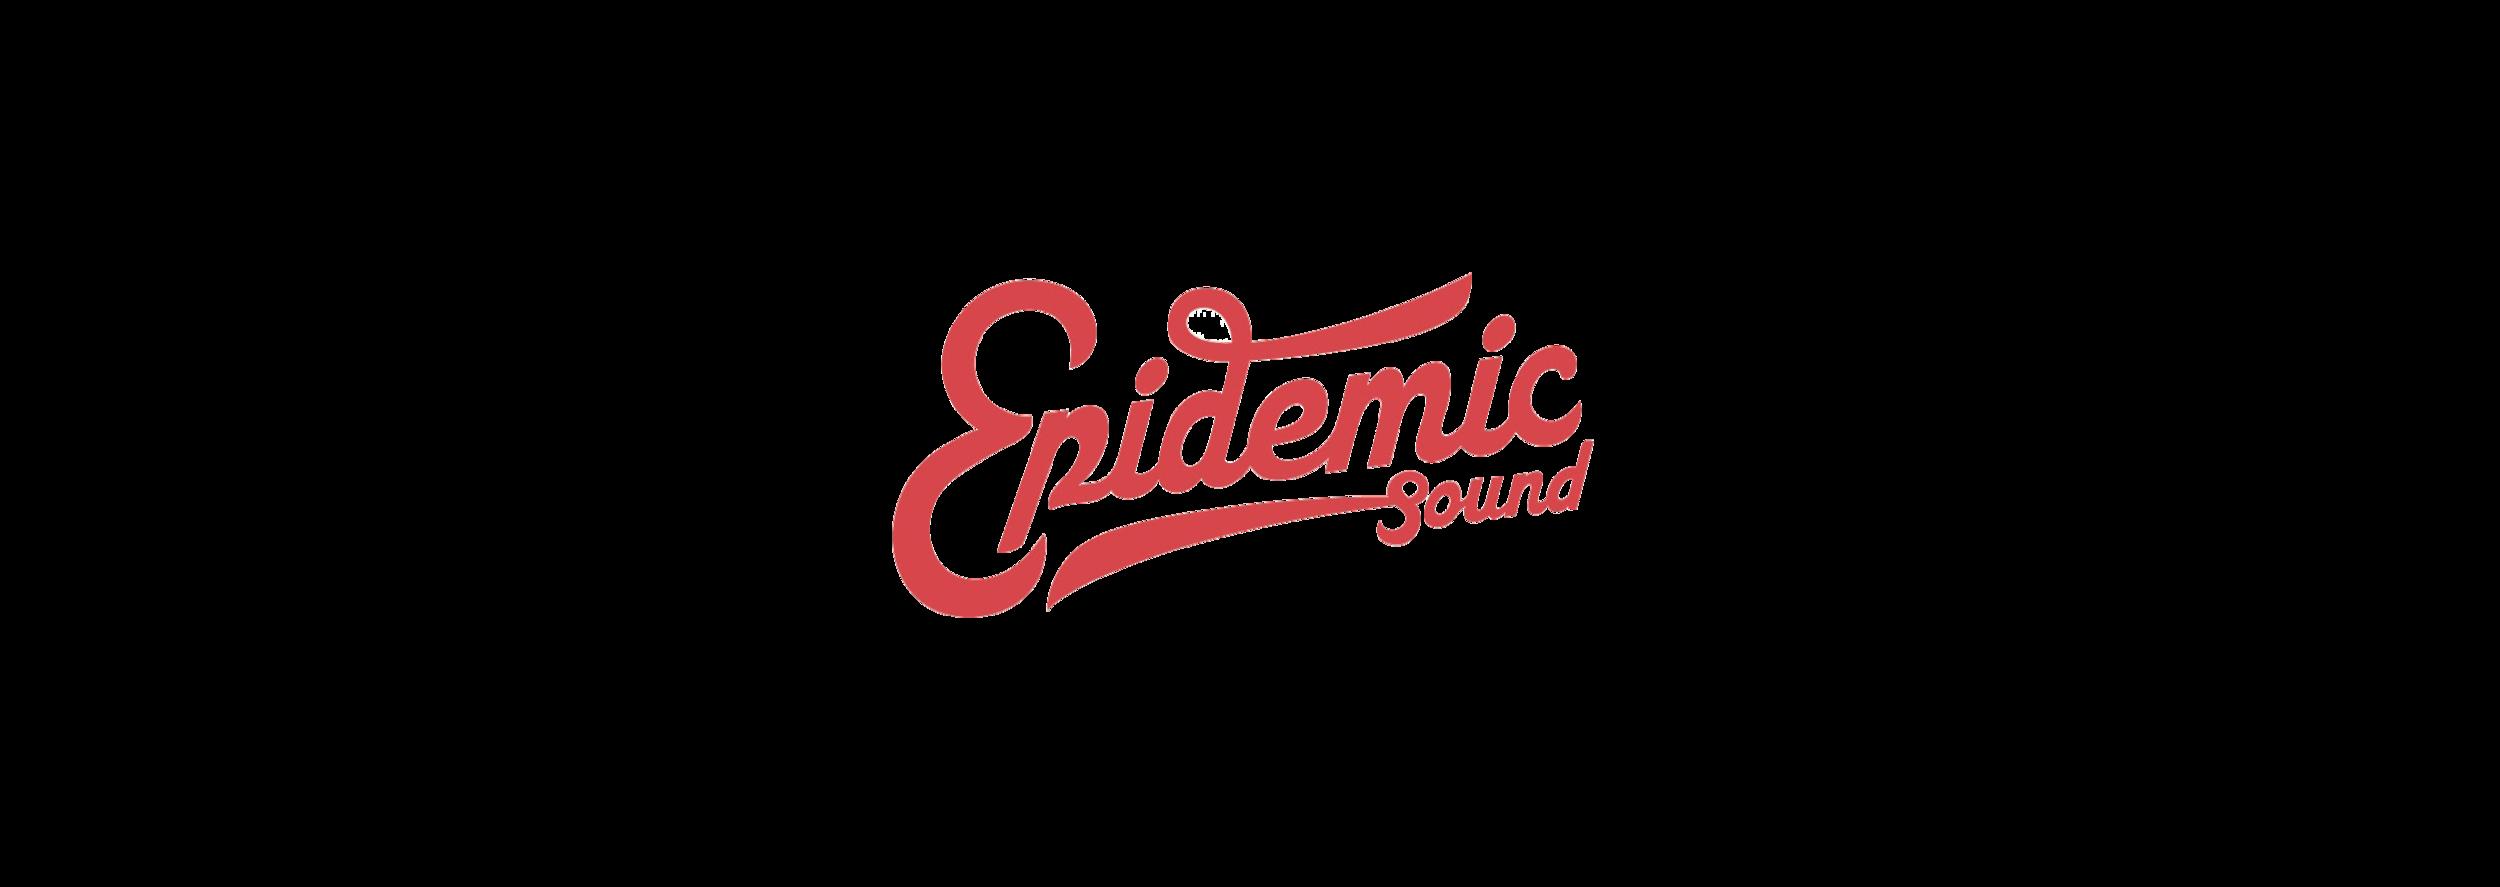 EpidemicSoundlong.png